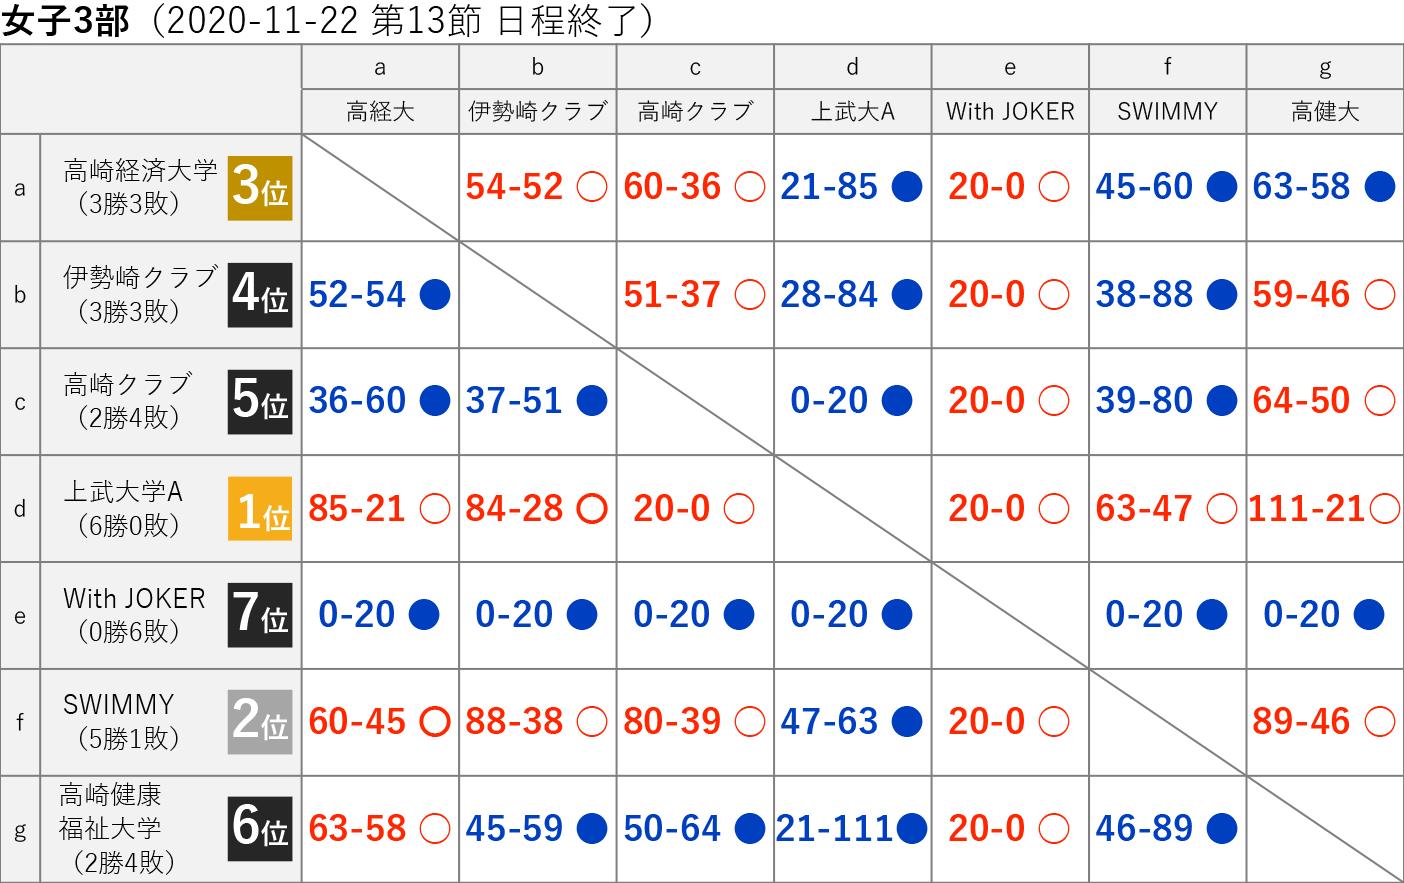 2020社会人リーグ 女子3部 星取り表 2020-11-22(第13節日程終了)